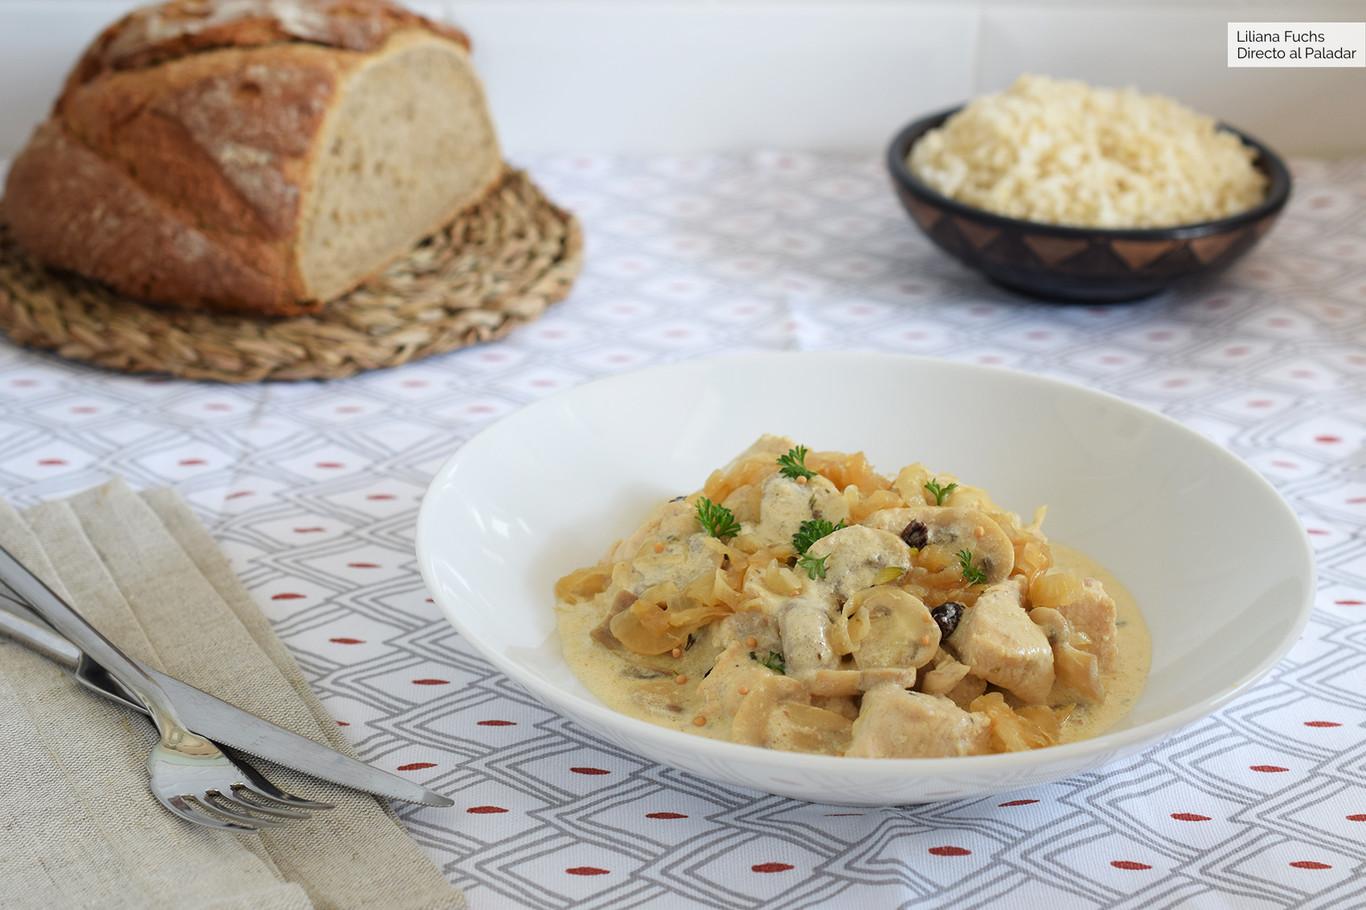 Pollo Con Champiñones Y Cebolla Caramelizada Receta De Cocina Fácil Y Deliciosa